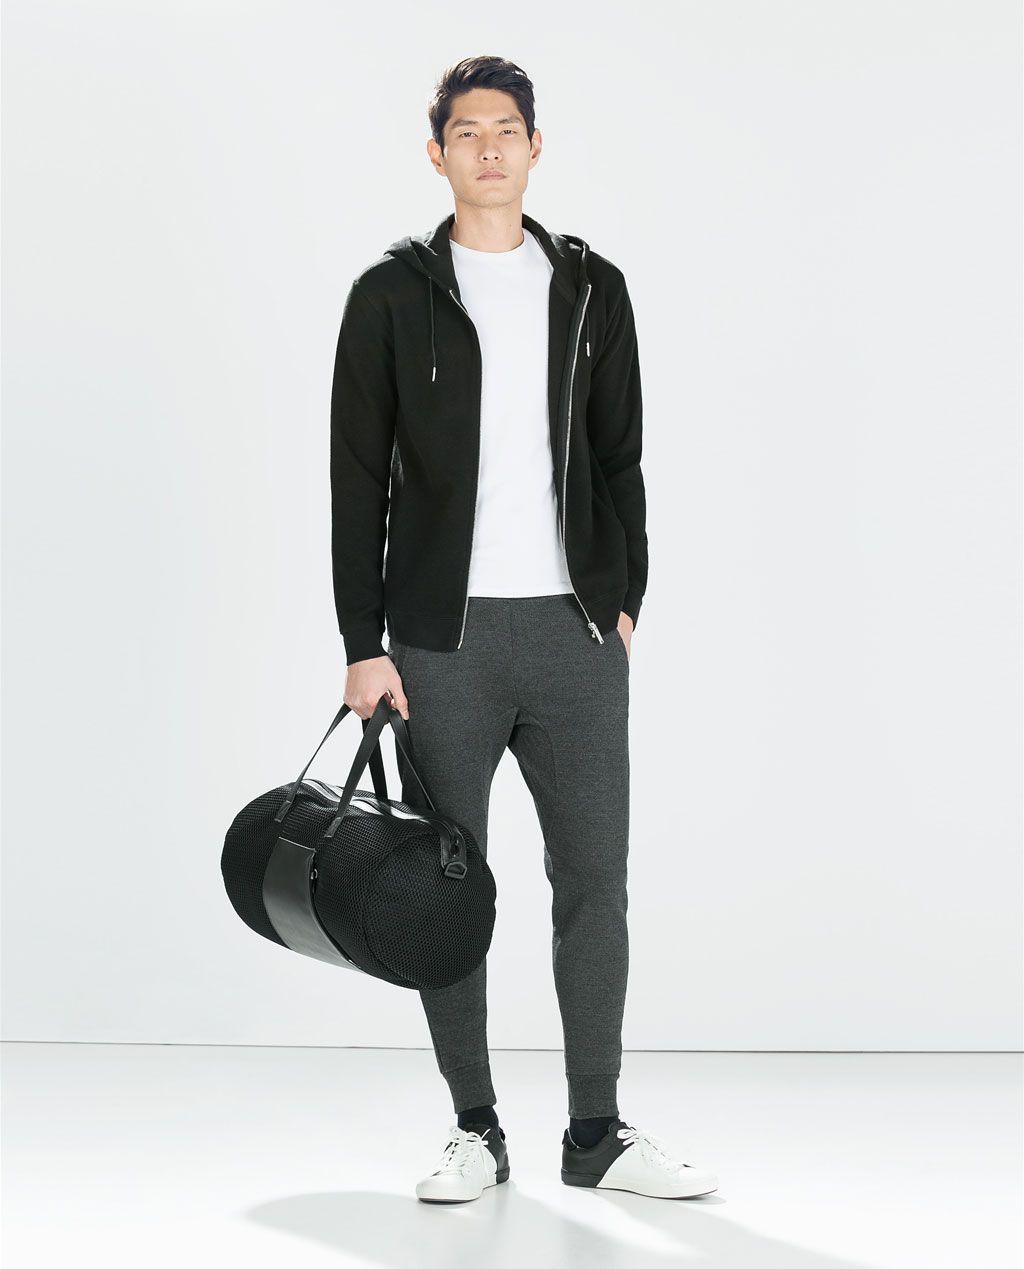 Pant Pant Pique Basic Pique Men Zara Basic Zara Pant Basic Zara Men Men n08OwPk